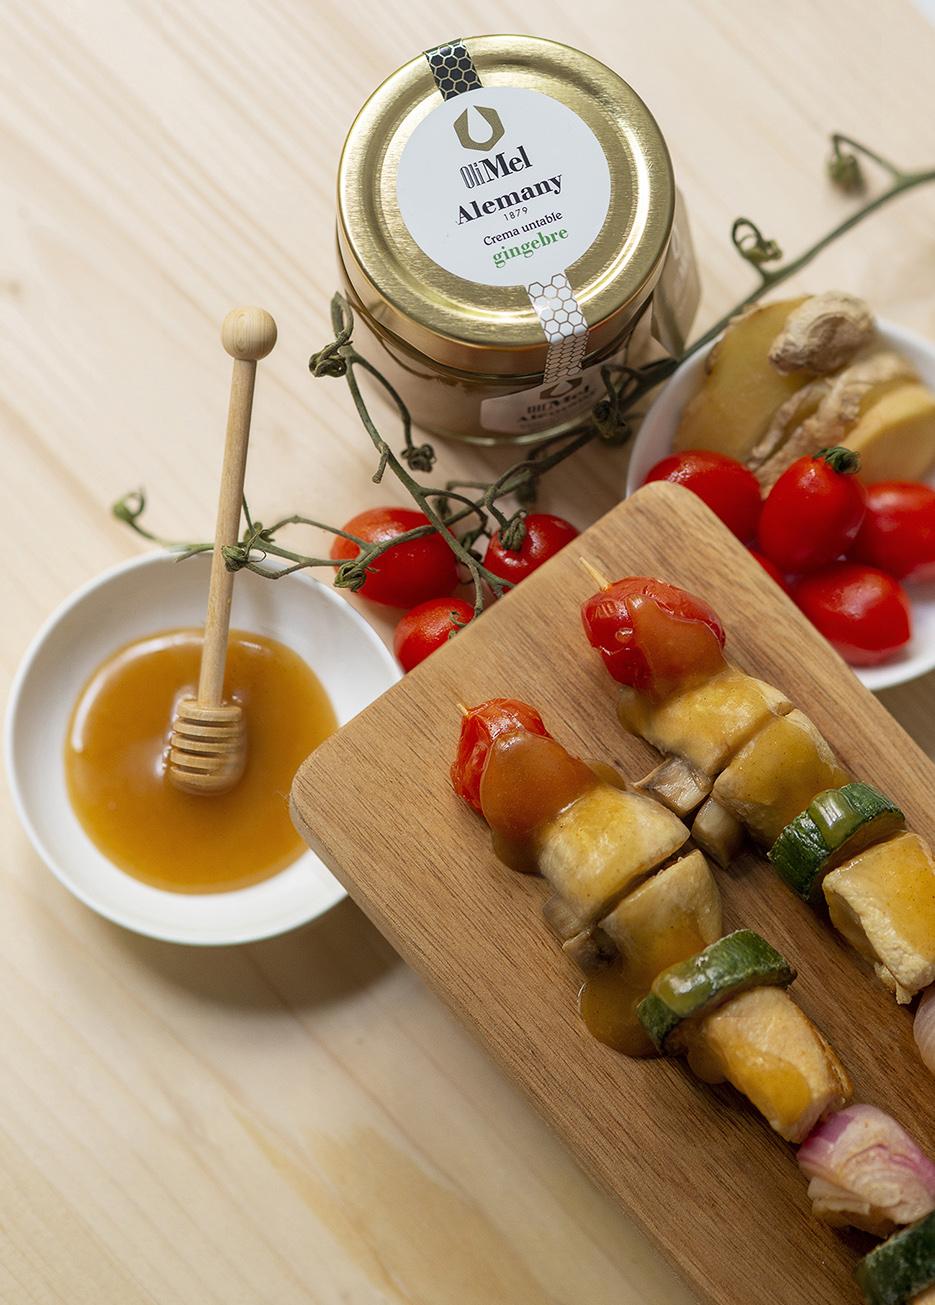 Broquetes de pollastre amb verdures, xampinyons i OliMel amb gingebre Alemany